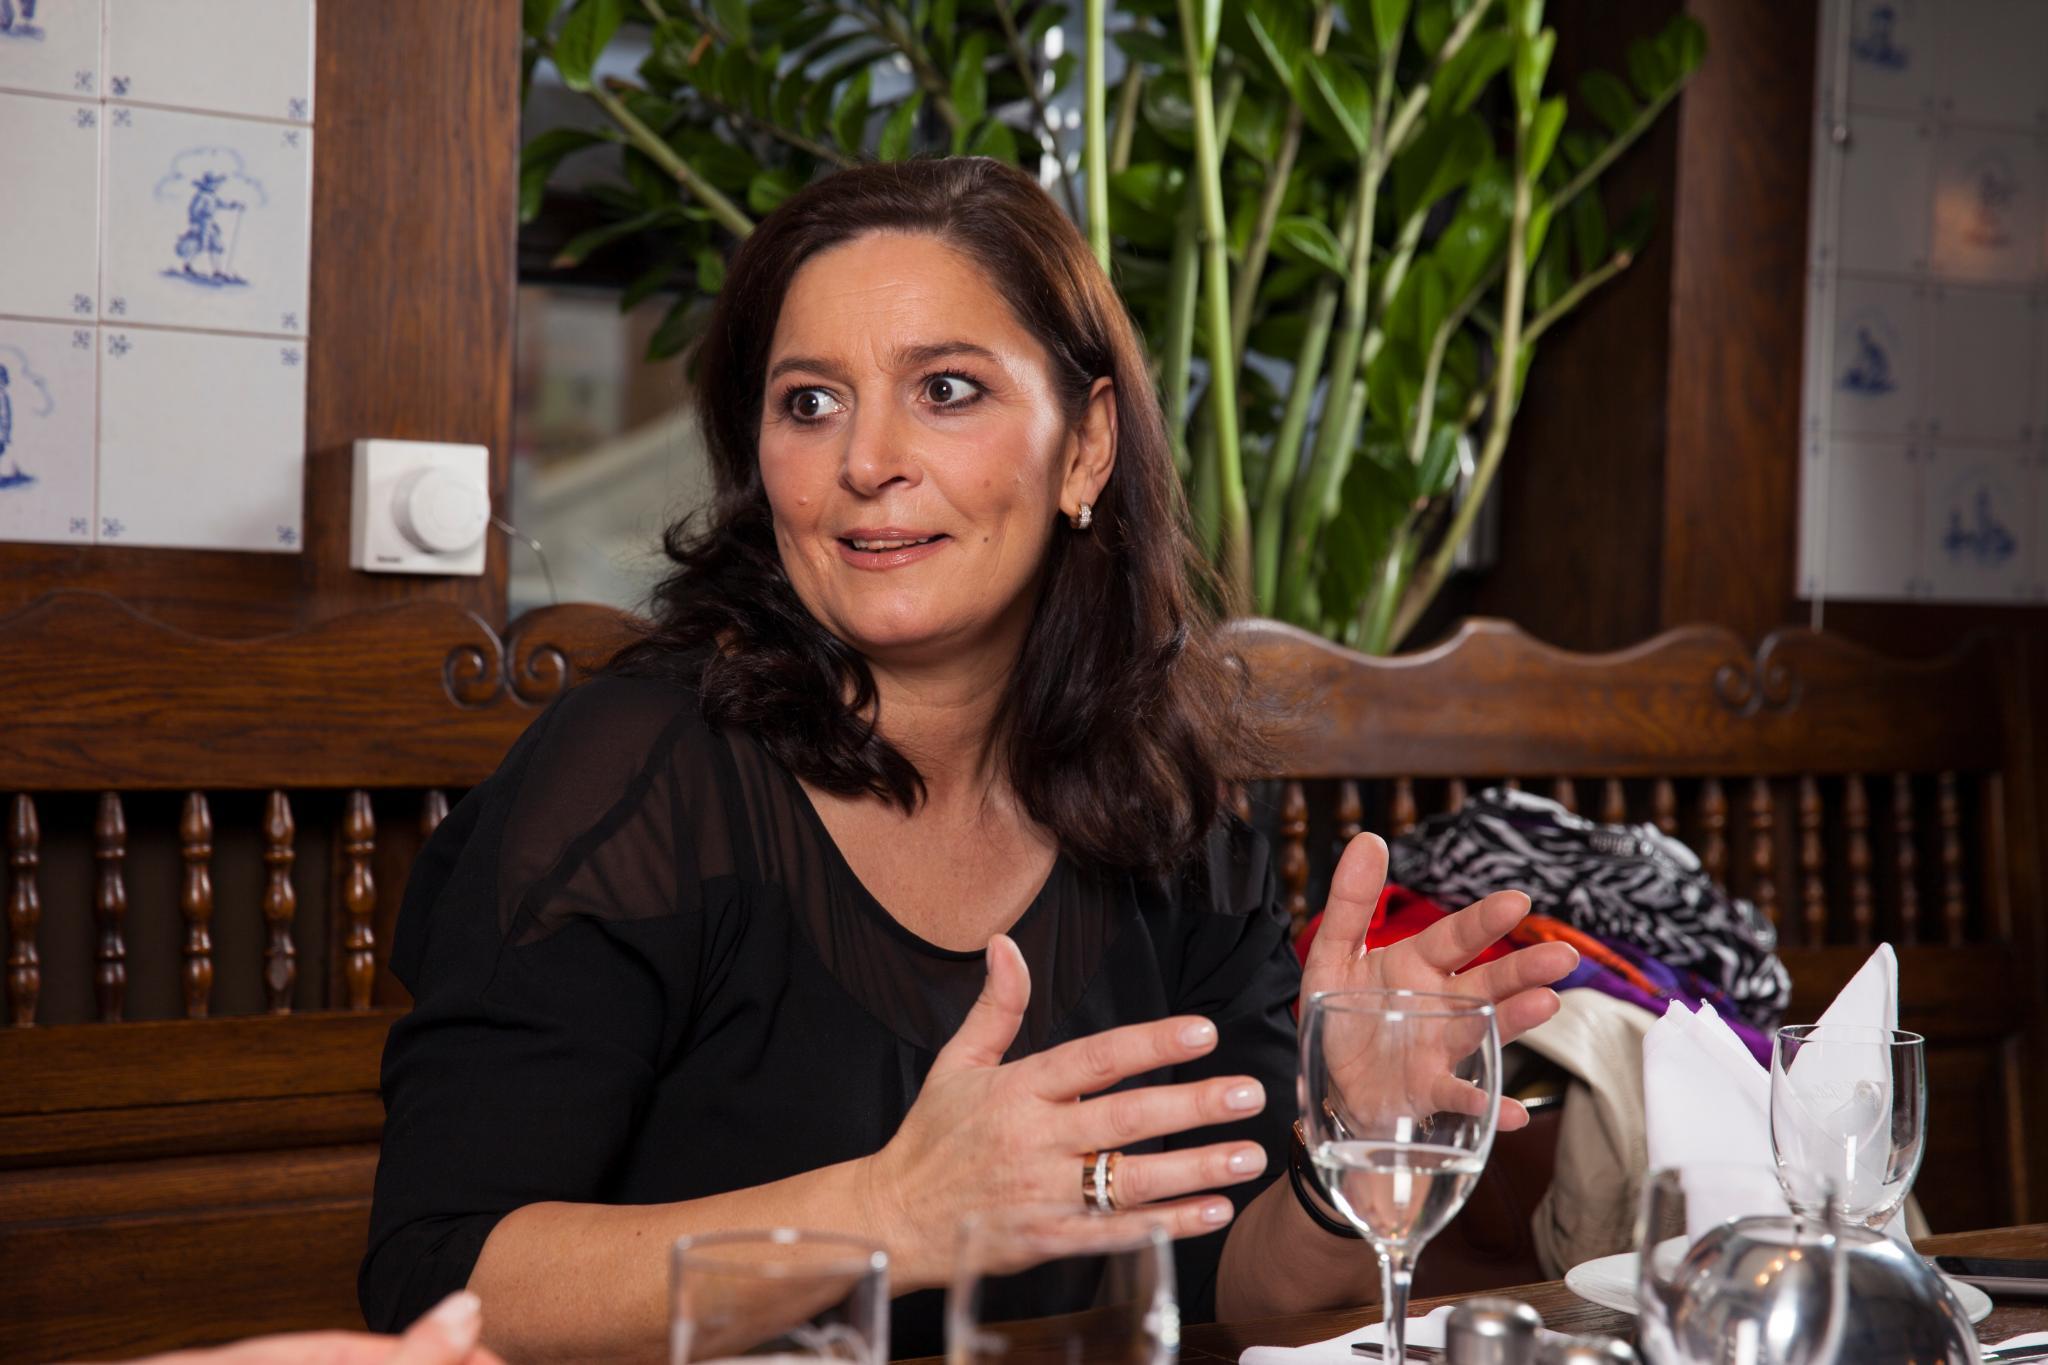 Bettina Michel regelt alle familienrechtlichen Angelegenheiten für ihren Vater, wie auch die Scheidung von seiner letzten Frau Britta. Entgegen den Gerüchten wurde Rudi Assauer nicht entmündigt. Eine Vorsorgevollmacht haben seine Sekretärin Sabine Söldner und ein Medizinerfreund übernommen.